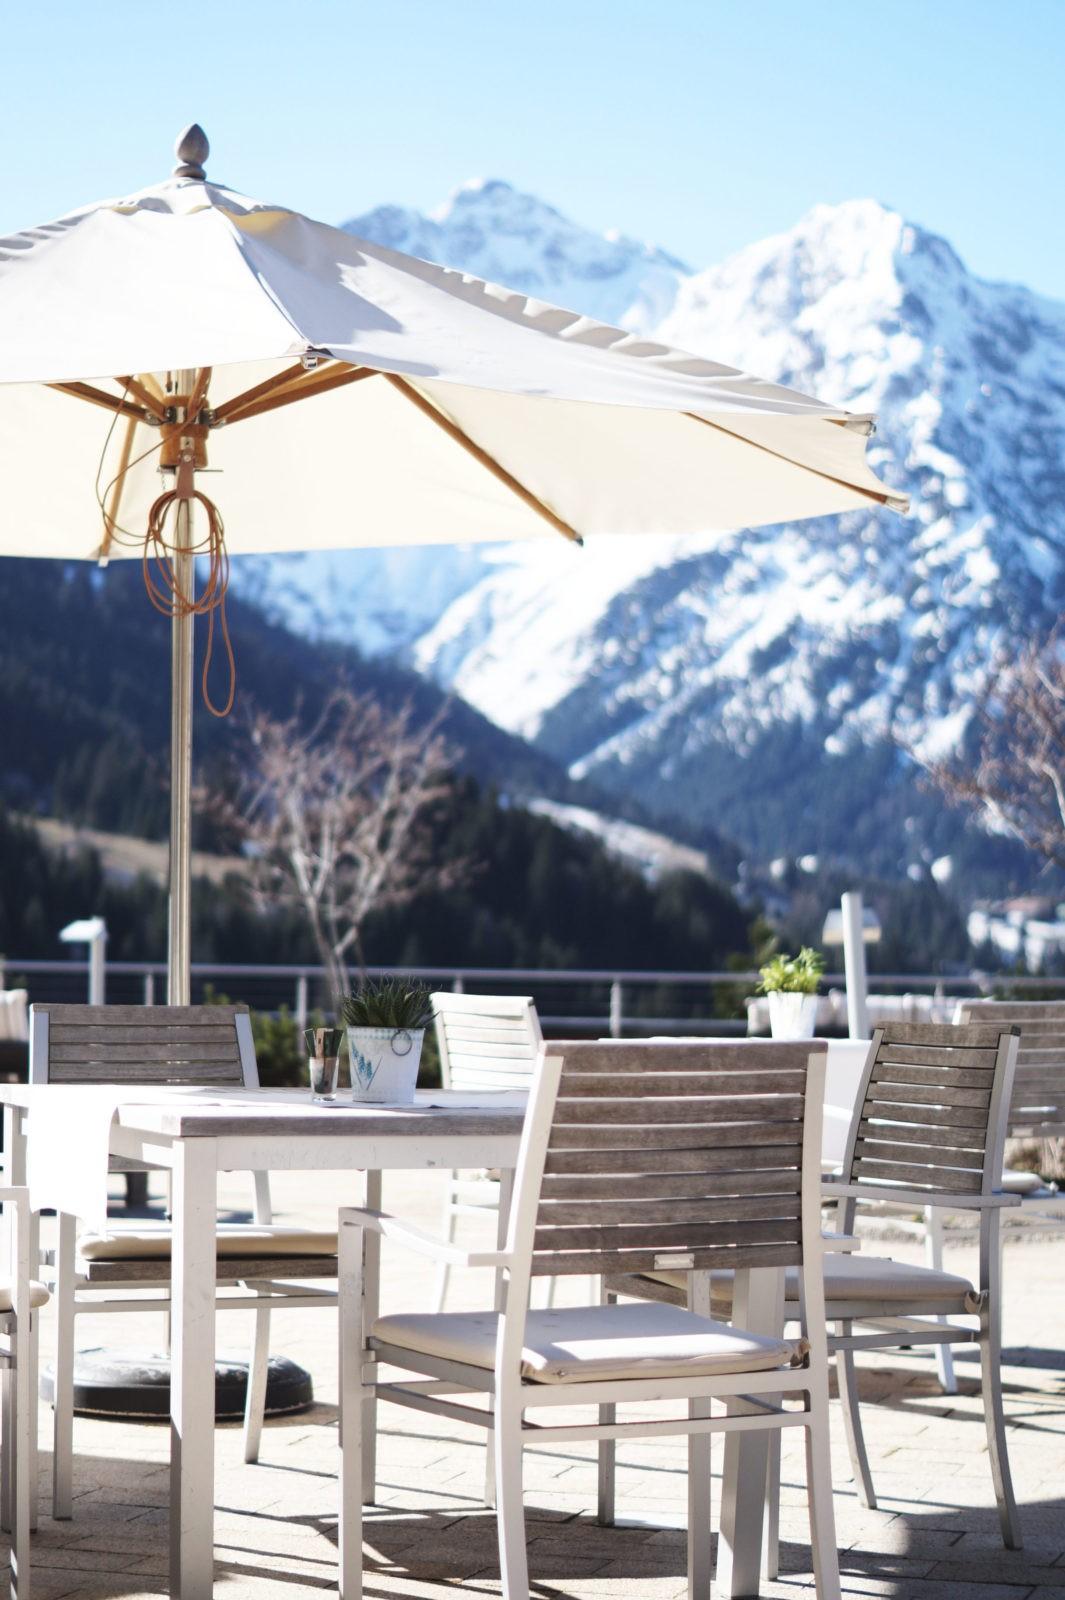 hotel review travel charme ifen hotel kleinwalsertal austria sterreich hotelbewertung terrasse. Black Bedroom Furniture Sets. Home Design Ideas